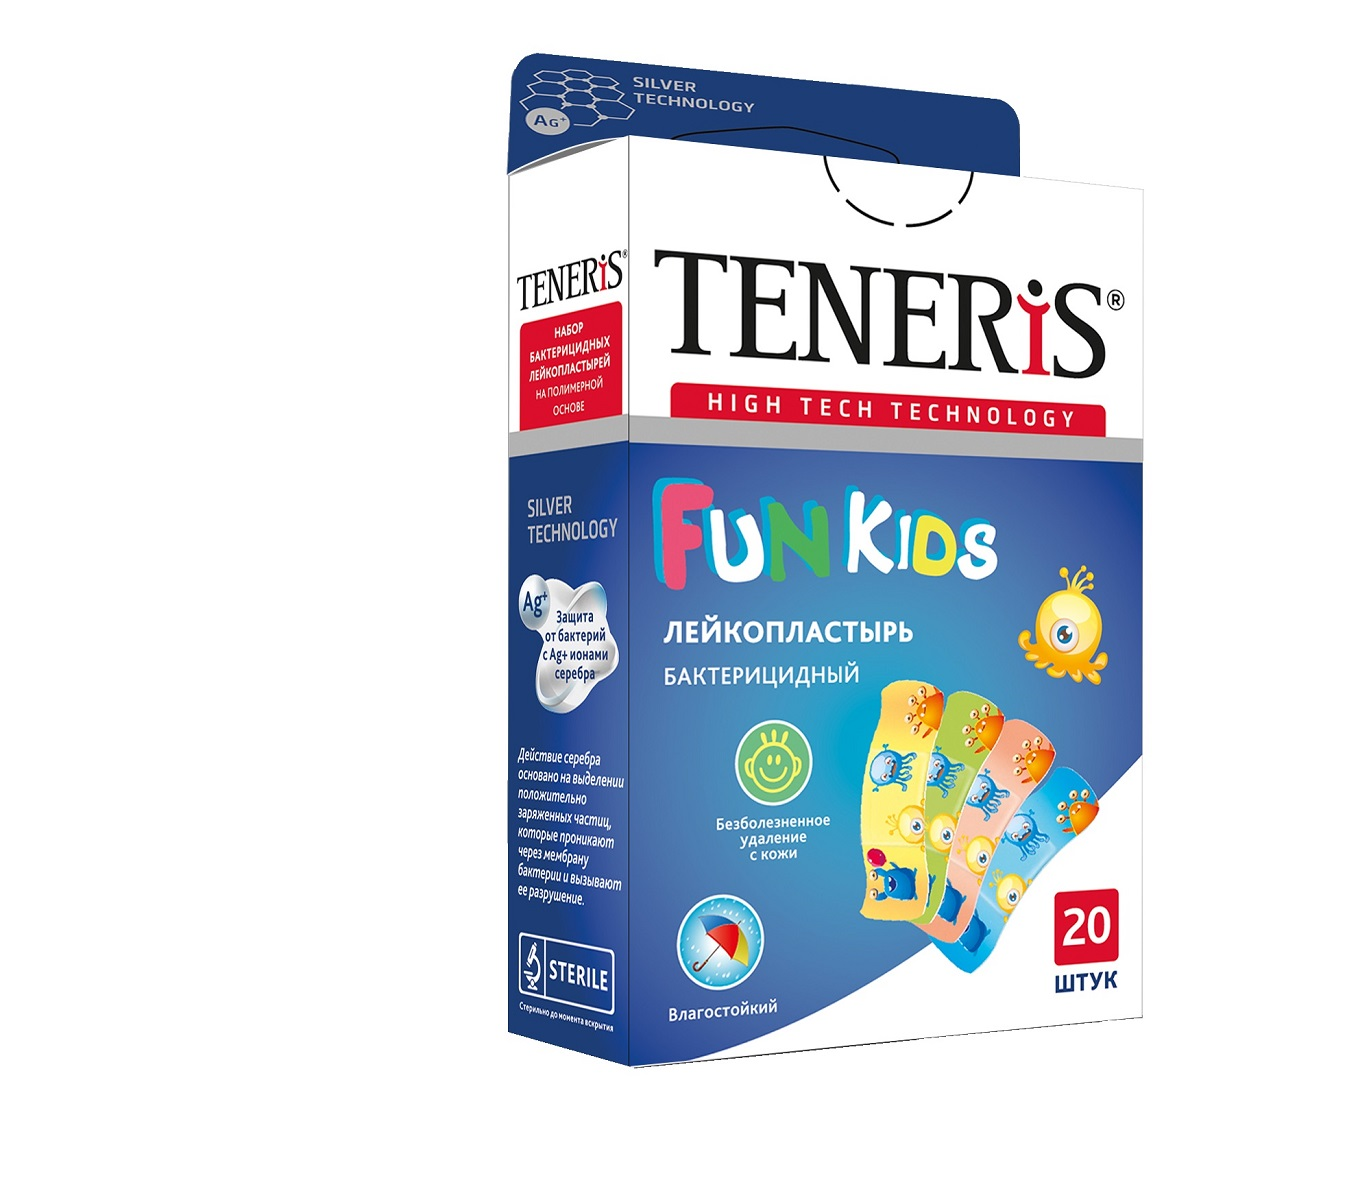 Teneris Fun Kids набор бактерицидных лейкопластырей, 20 штБУ-00000316Набор бактерицидных лейкопластырей на основе перфорированной полимерной пленки с картинками мультяшных героев. Влагоустойчивый, надежно защищает ранку во время купания. Пропускает воздух. Антисептик - бензалкония хлорид. Впитывающая подушечка с атравматической сеткой с ионами серебра. 20 шт. в упаковке